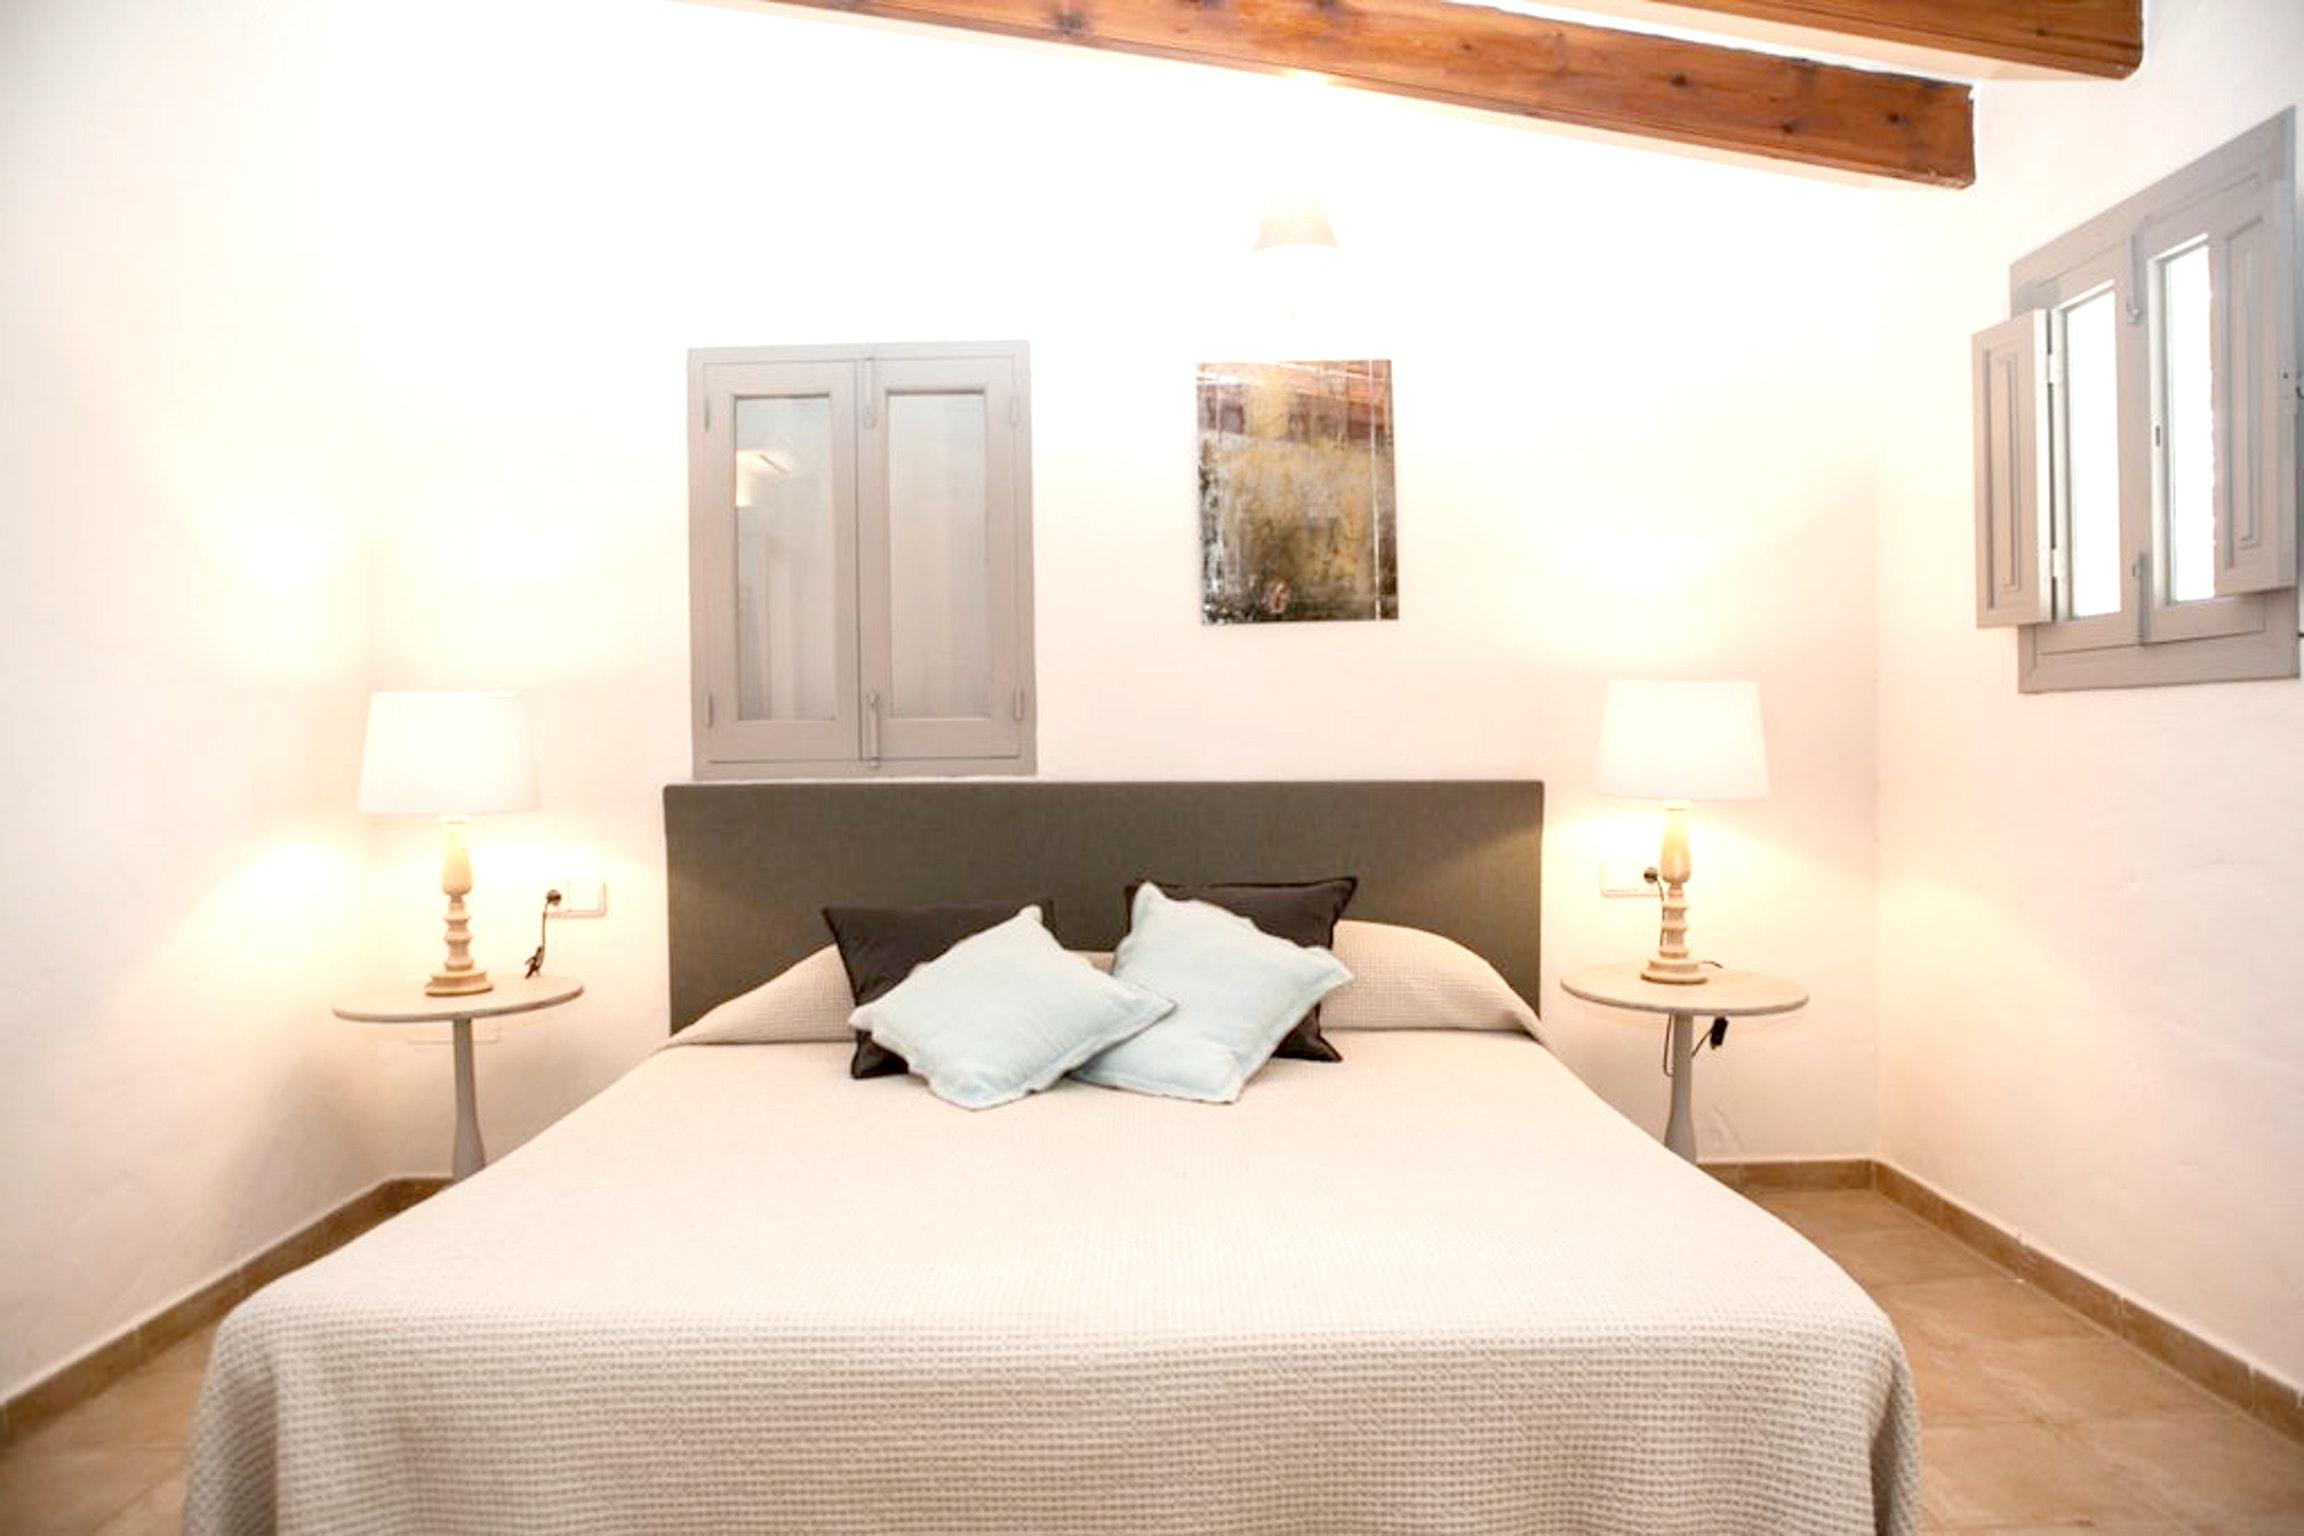 Maison de vacances Haus mit 3 Schlafzimmern in Formentera mit eingezäuntem Garten und W-LAN - 5 km vom Strand (2620580), San Francisco Javier, Formentera, Iles Baléares, Espagne, image 3